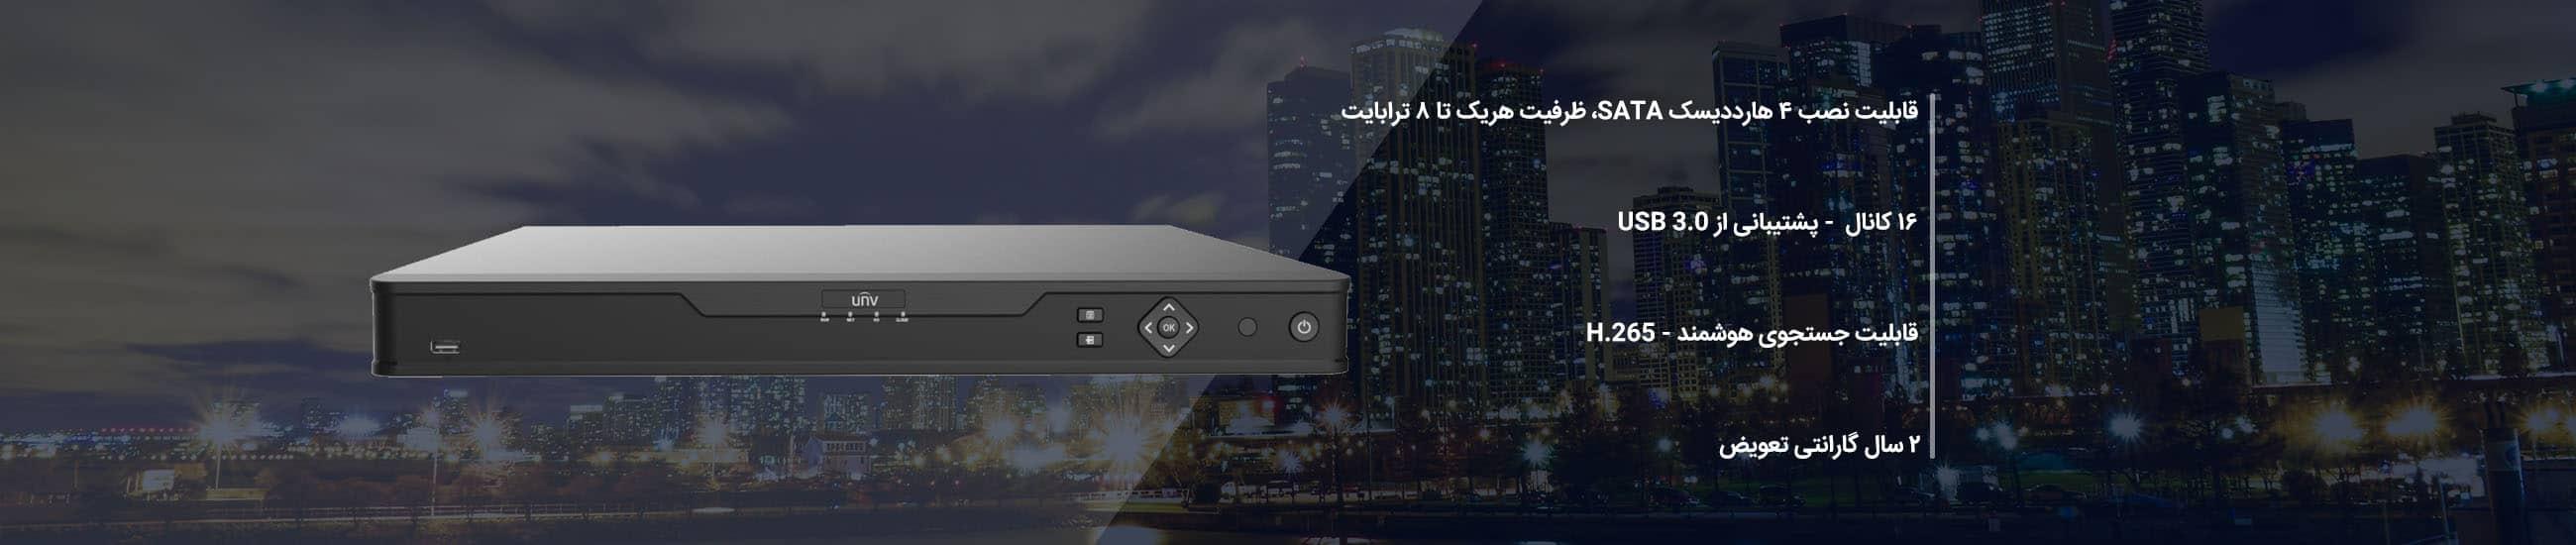 دستگاه ضبط تصویر تحت شبکه مدل NVR304-16E